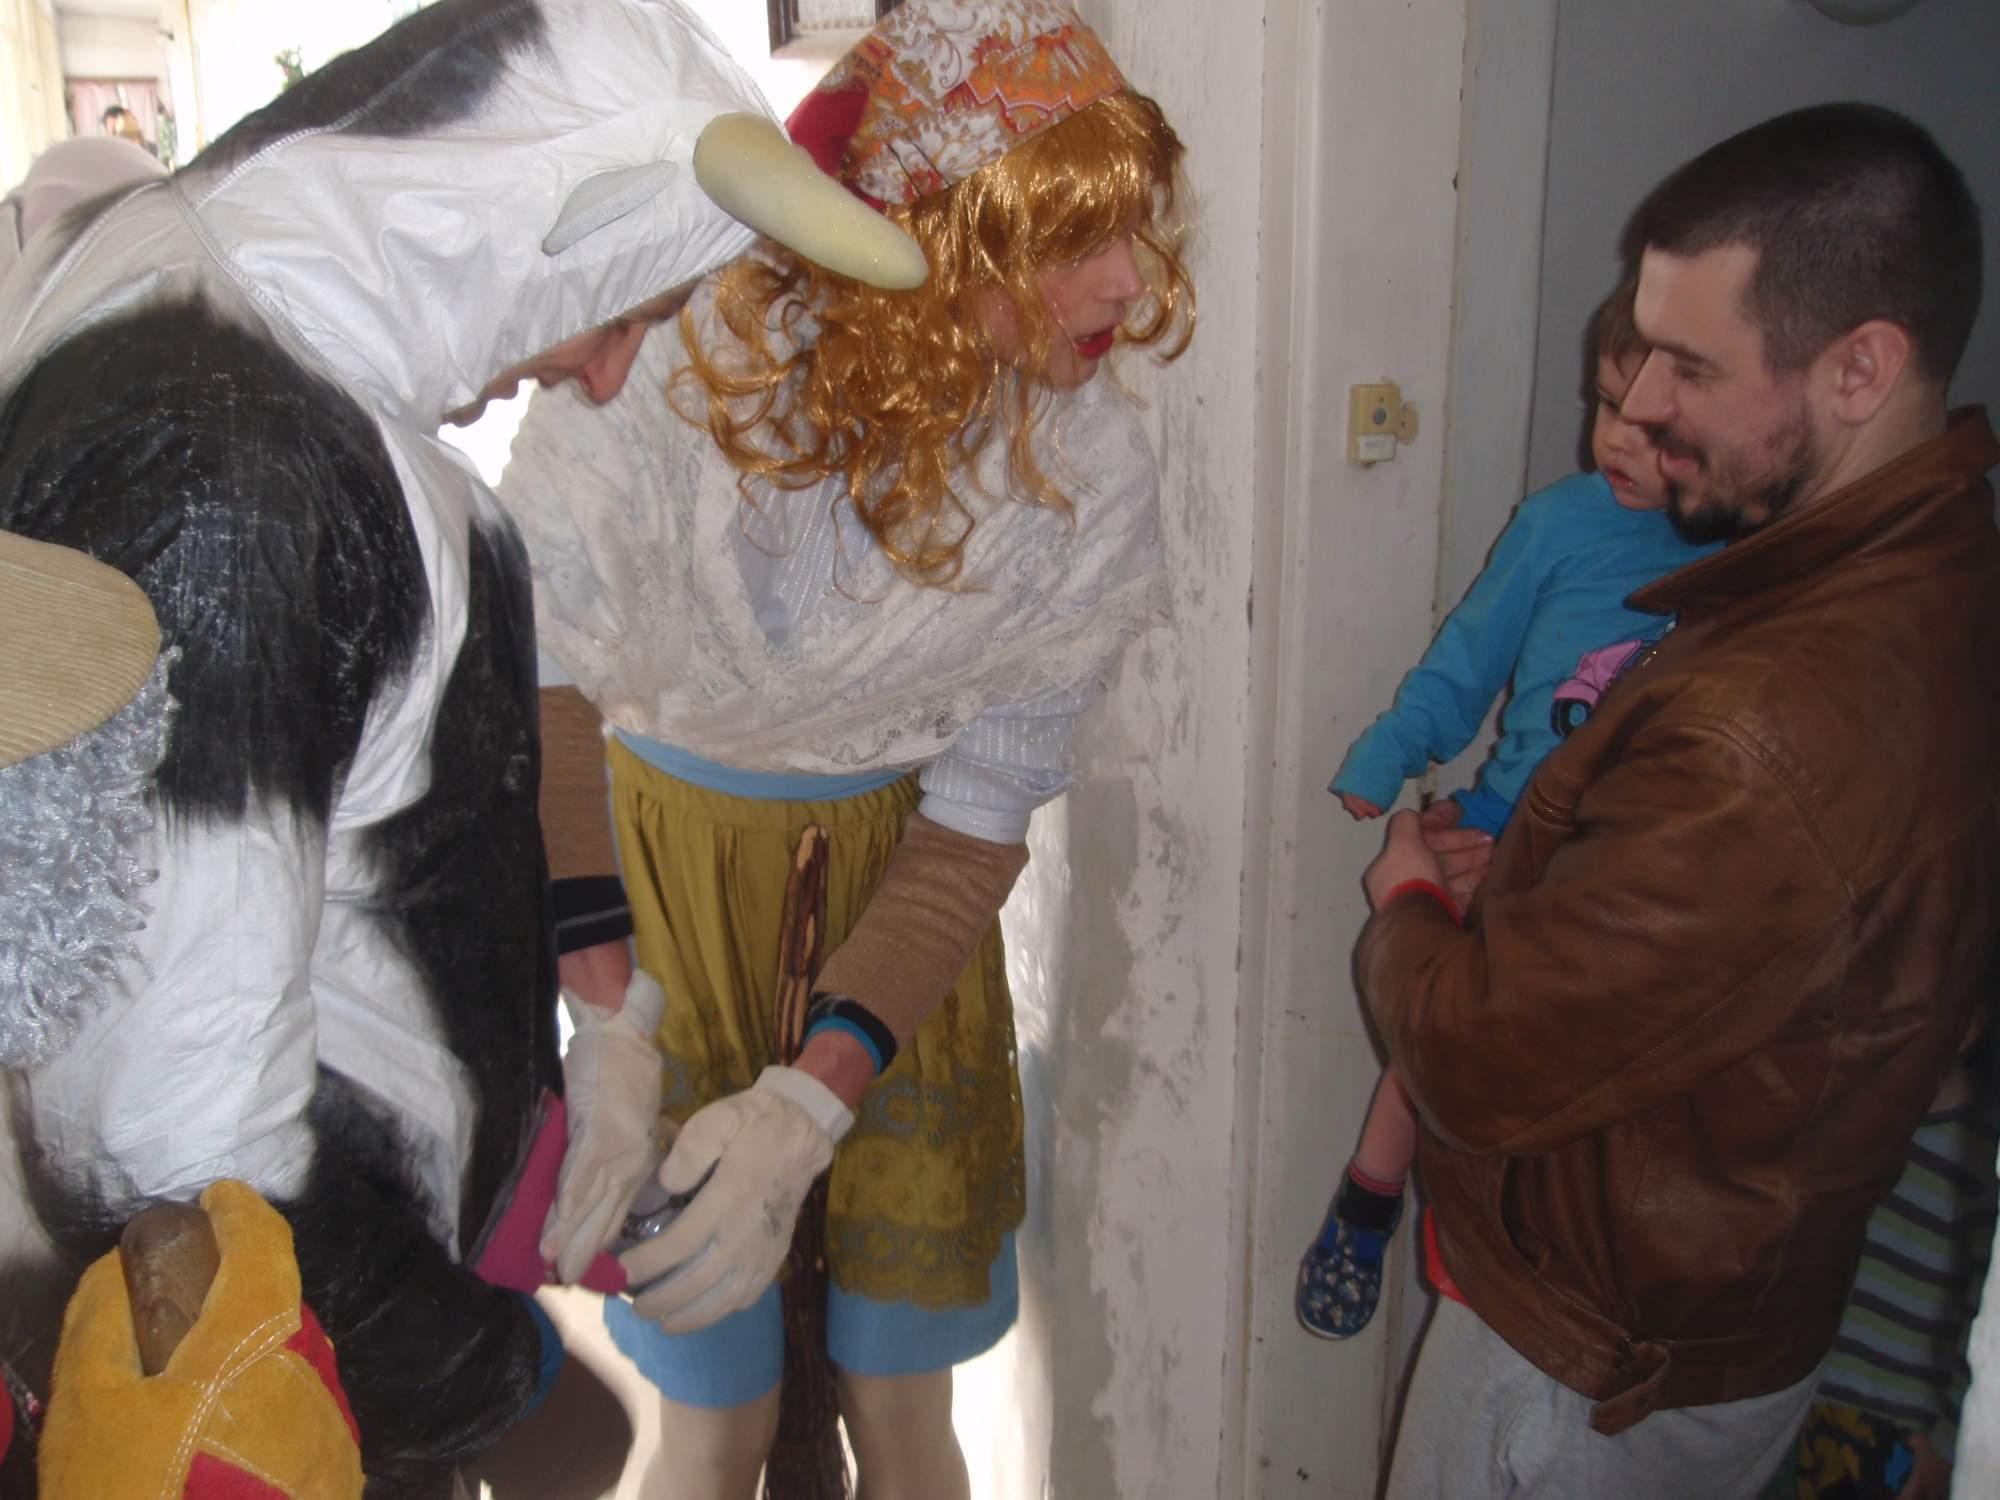 Mladá selka ukazuje chlapečkovi, jak se správně dojí. Foto: Marie Majdičová